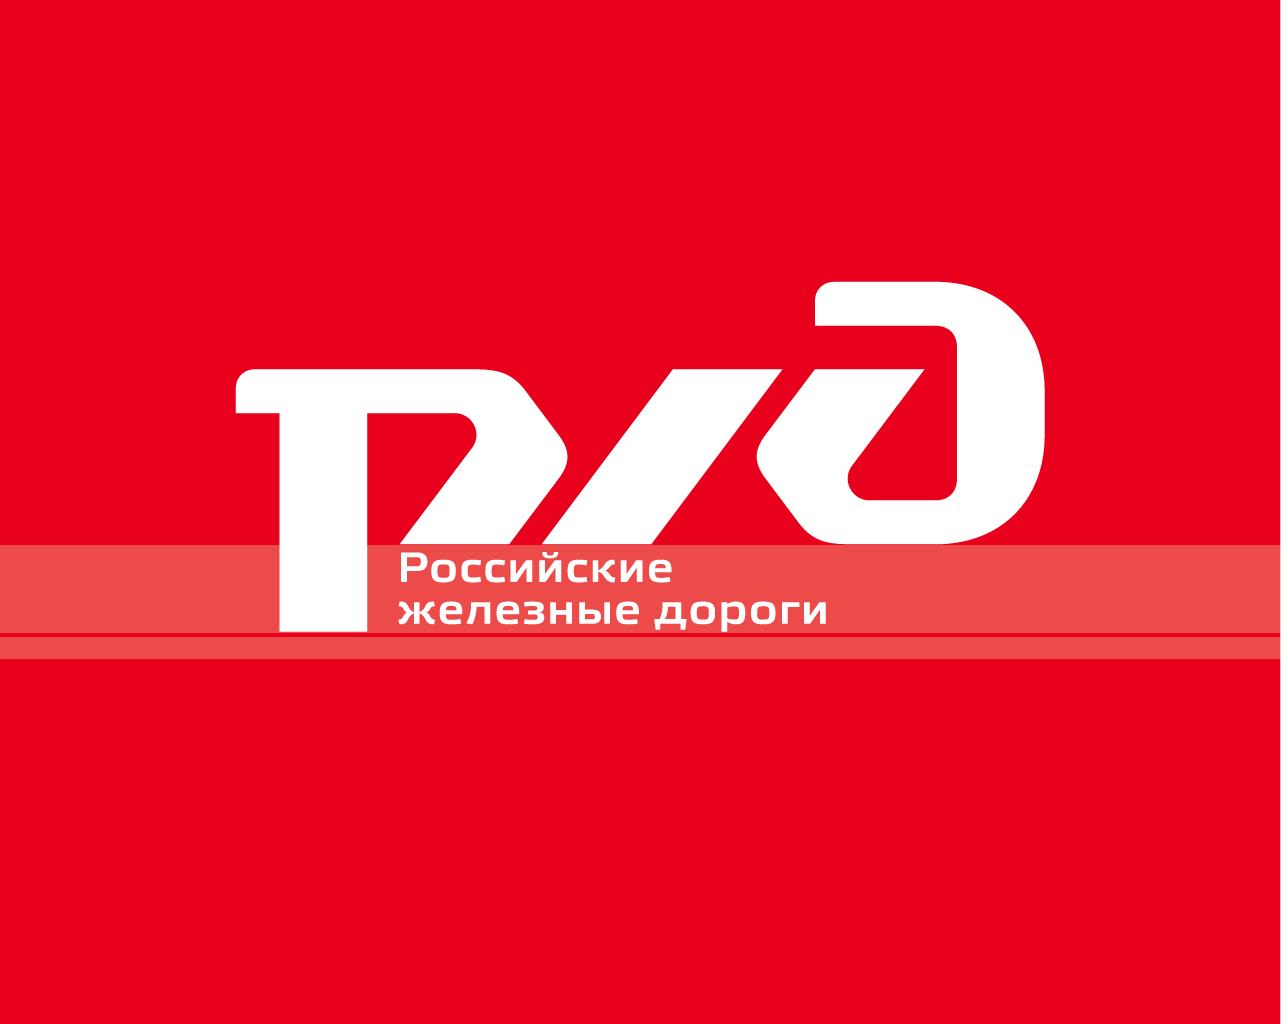 50 пассажиров пострадали при столкновении поездов в Москве